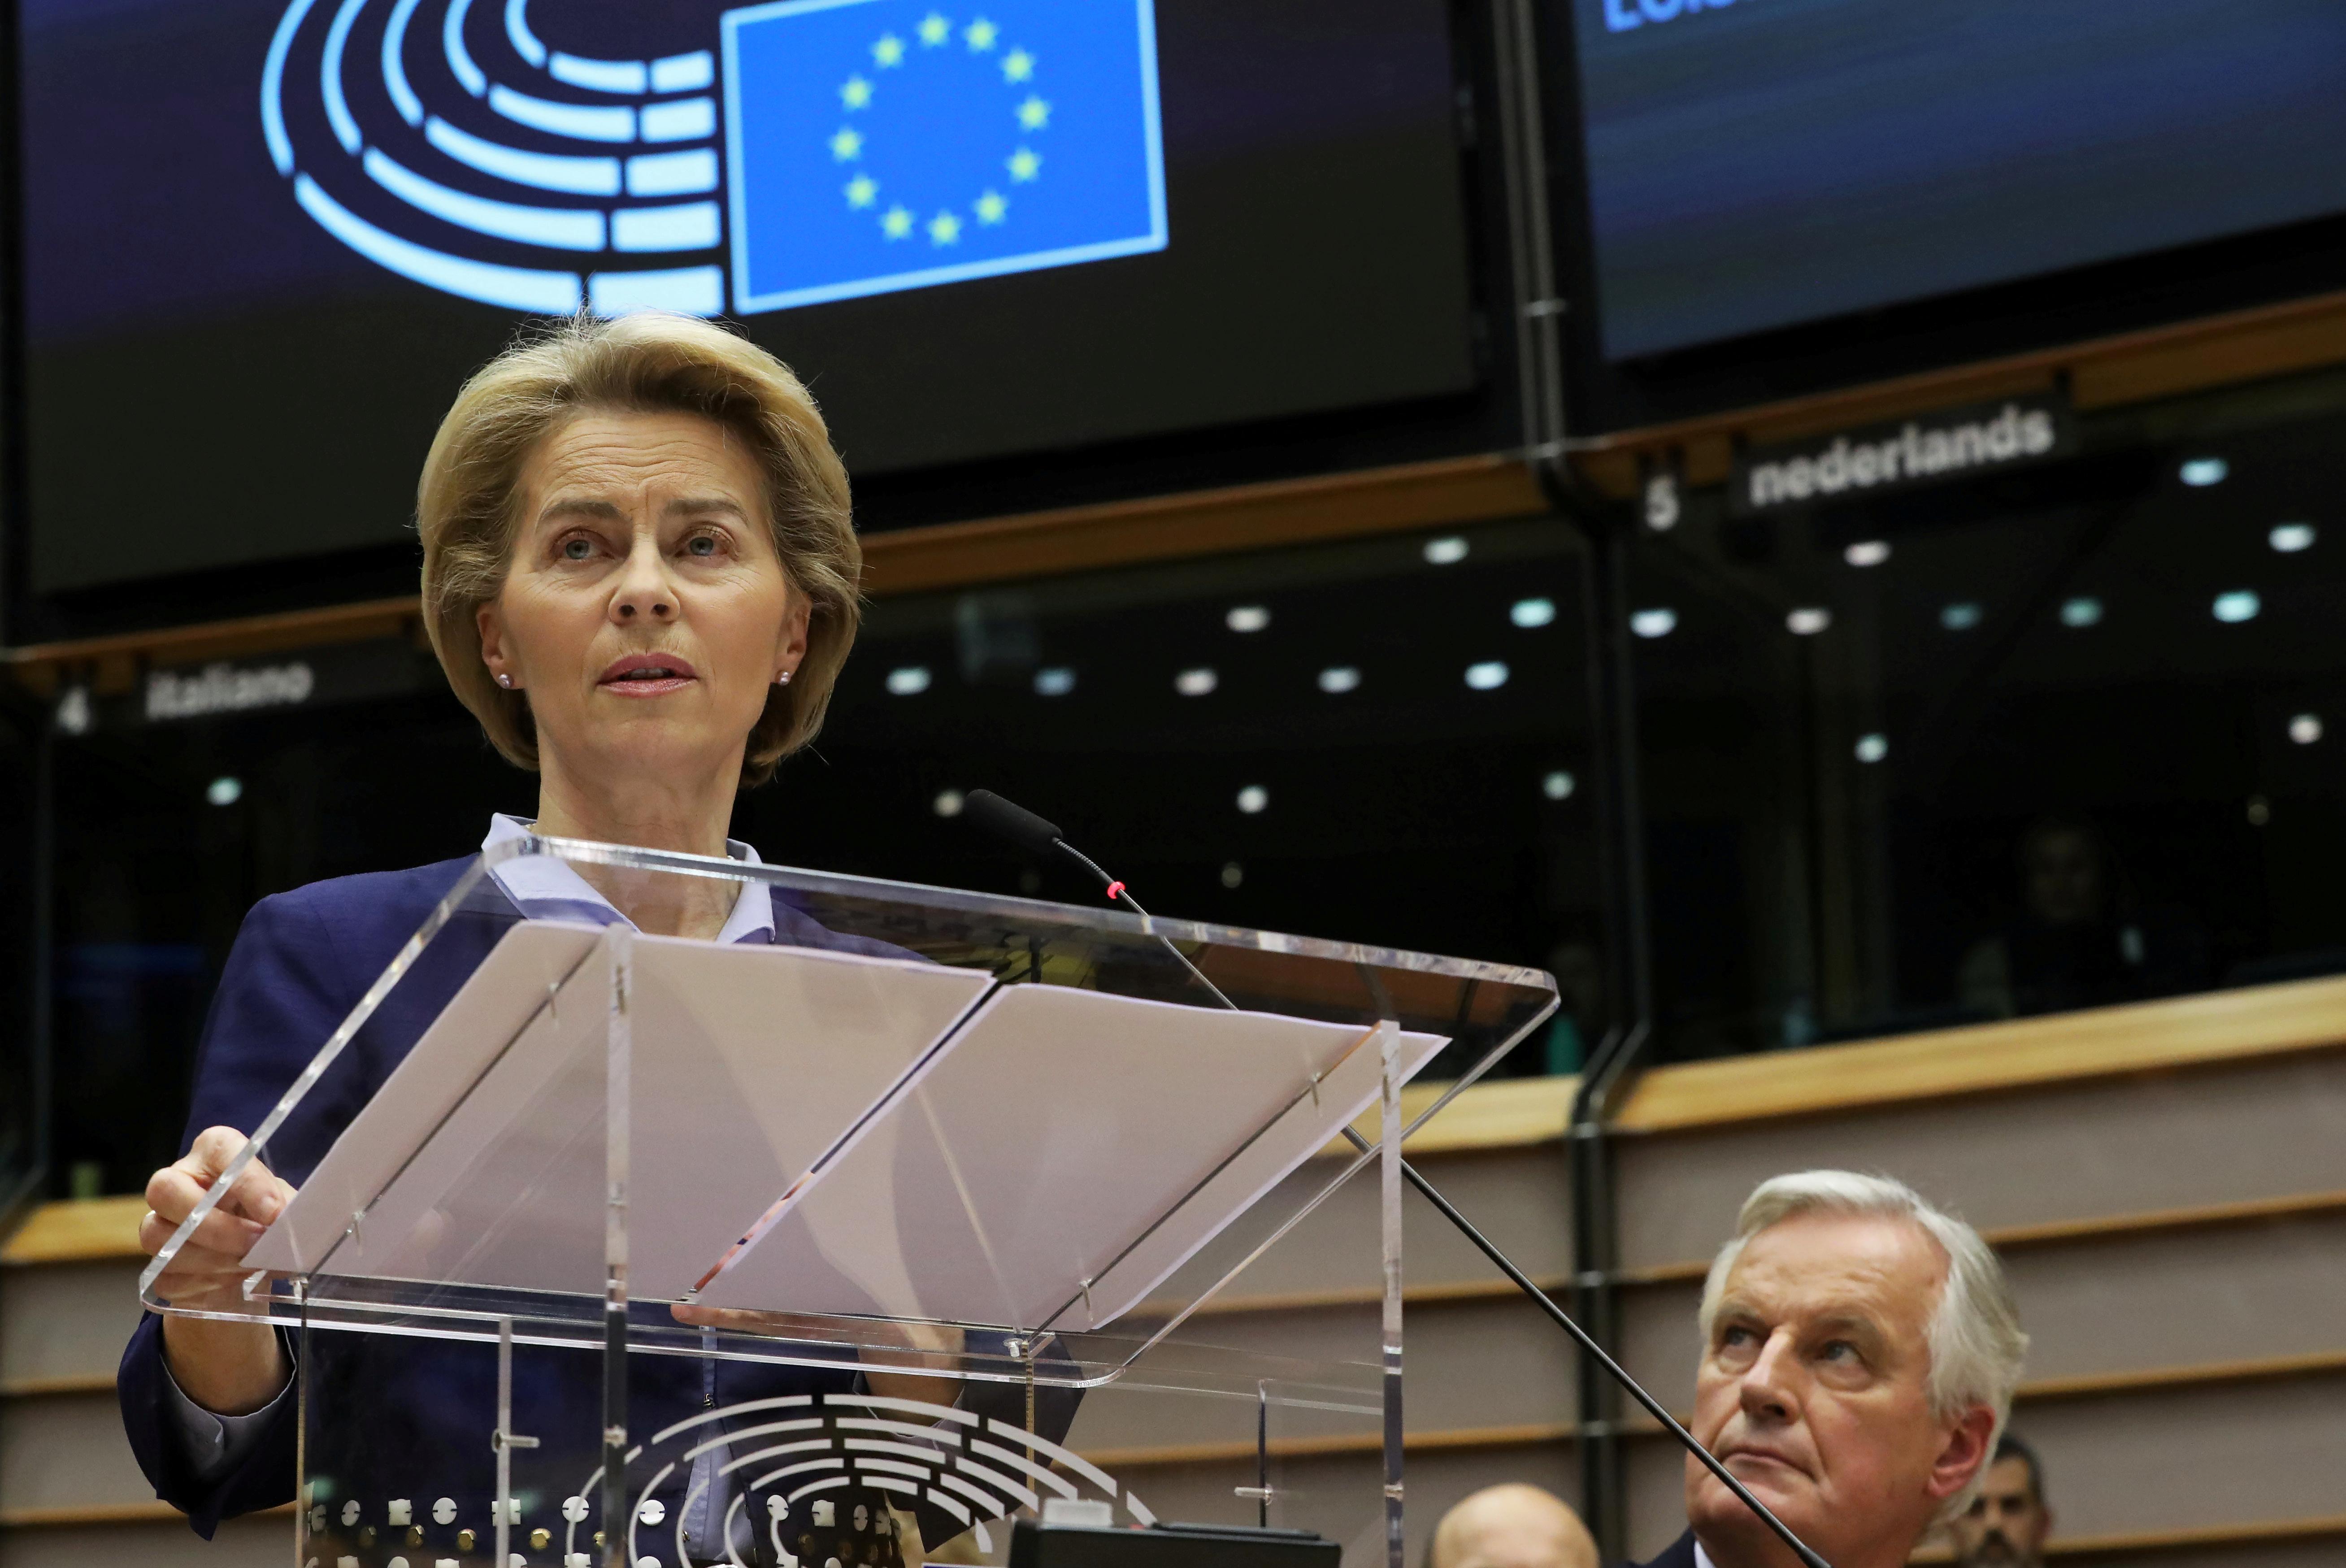 Καρκίνος Ευρωπαϊκή Ένωση